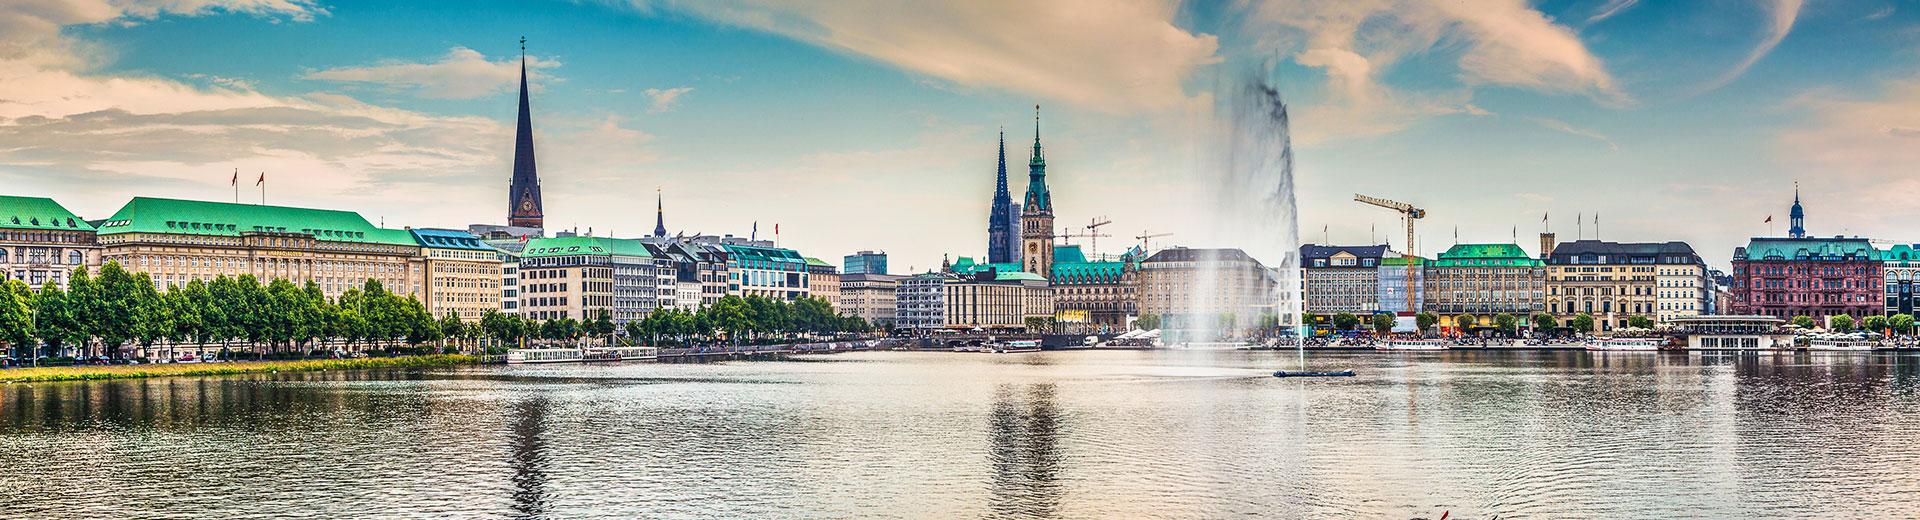 Voyage en groupe Hambourg - offre classique train